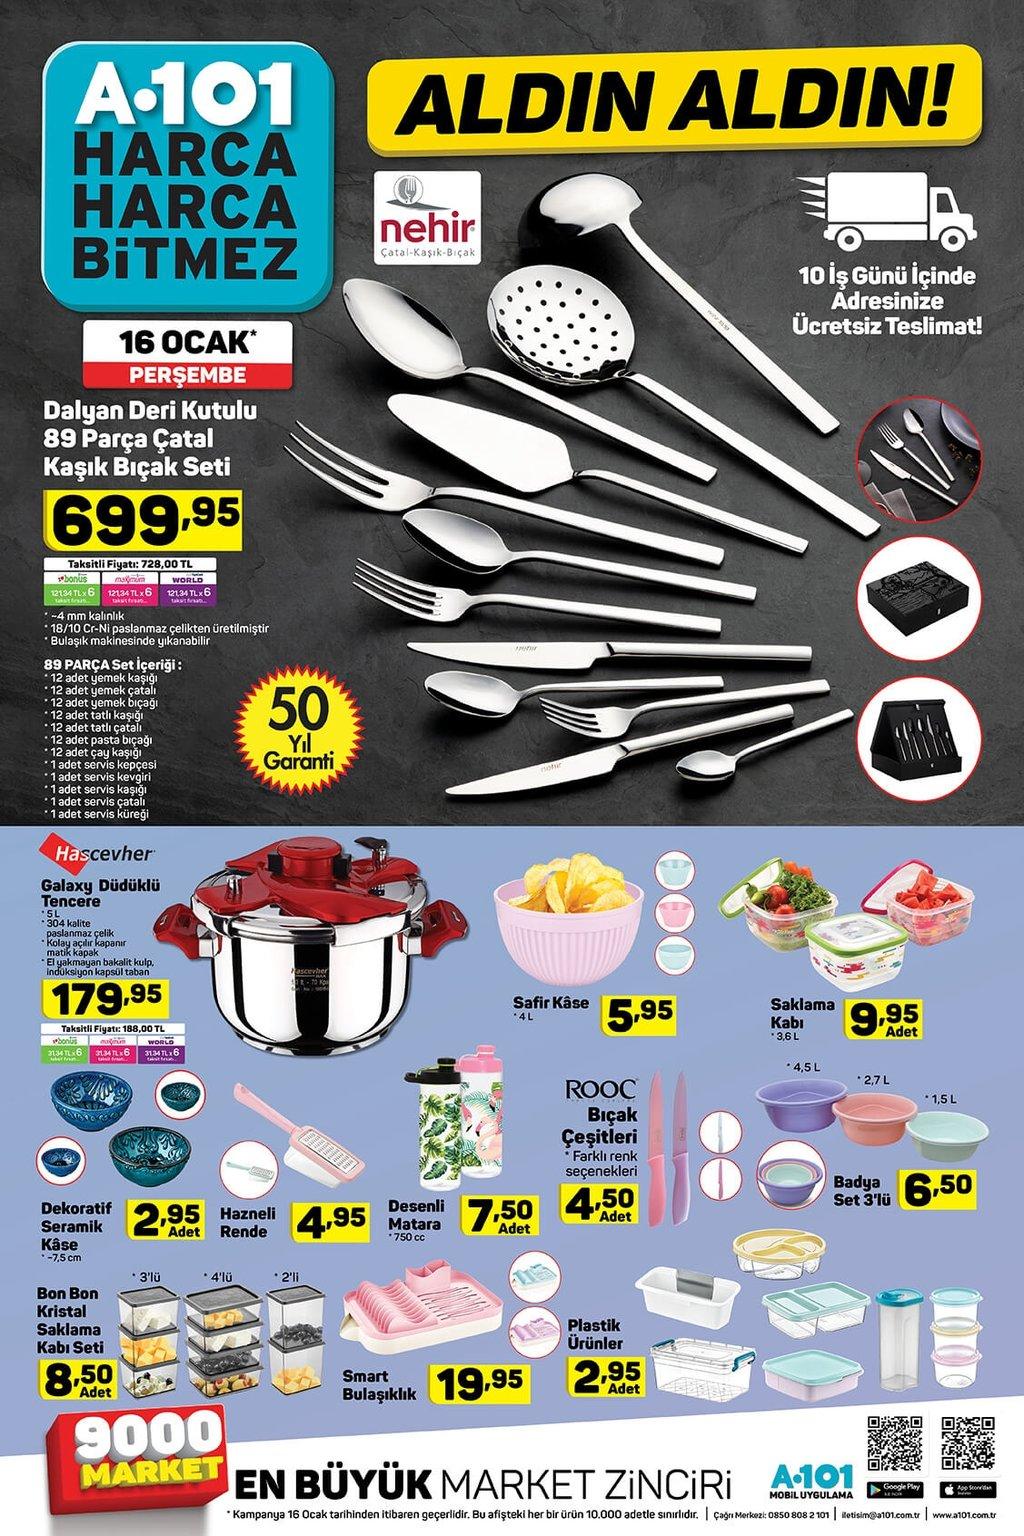 A101 aktüel ürünler kataloğu 16 Ocak Perşembe!